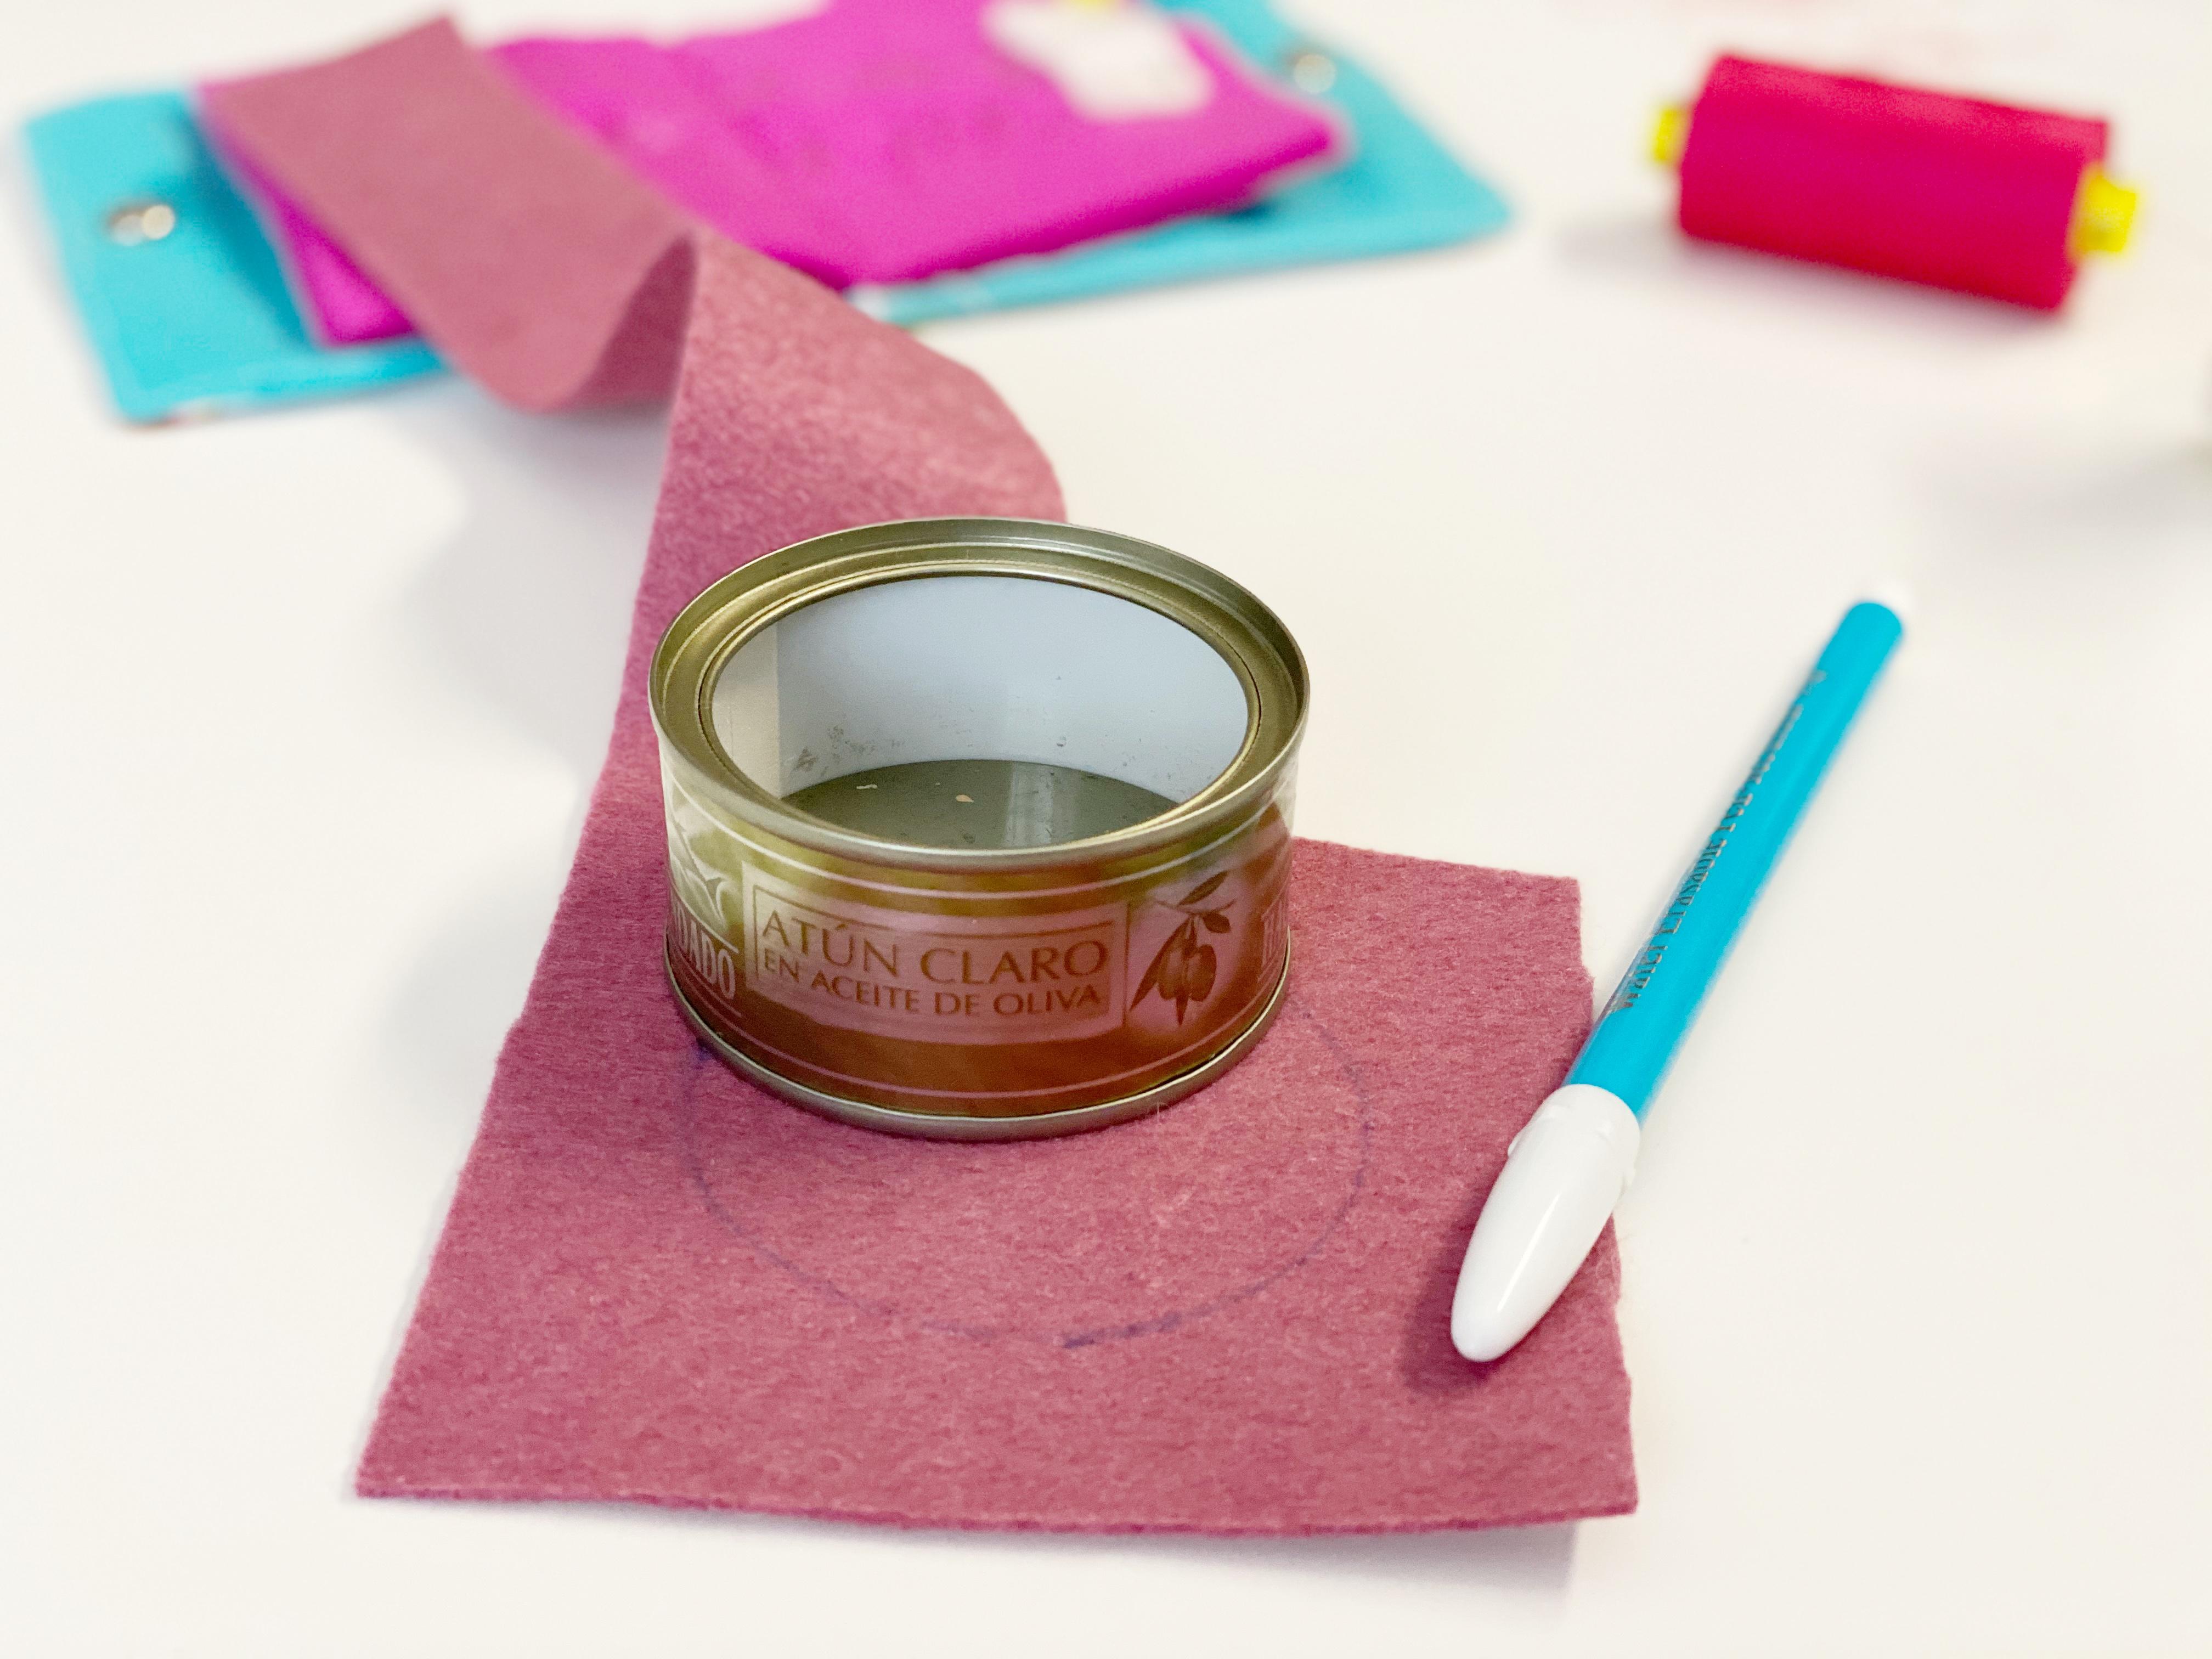 base alfiletero casero y pintura en spray pintyplus